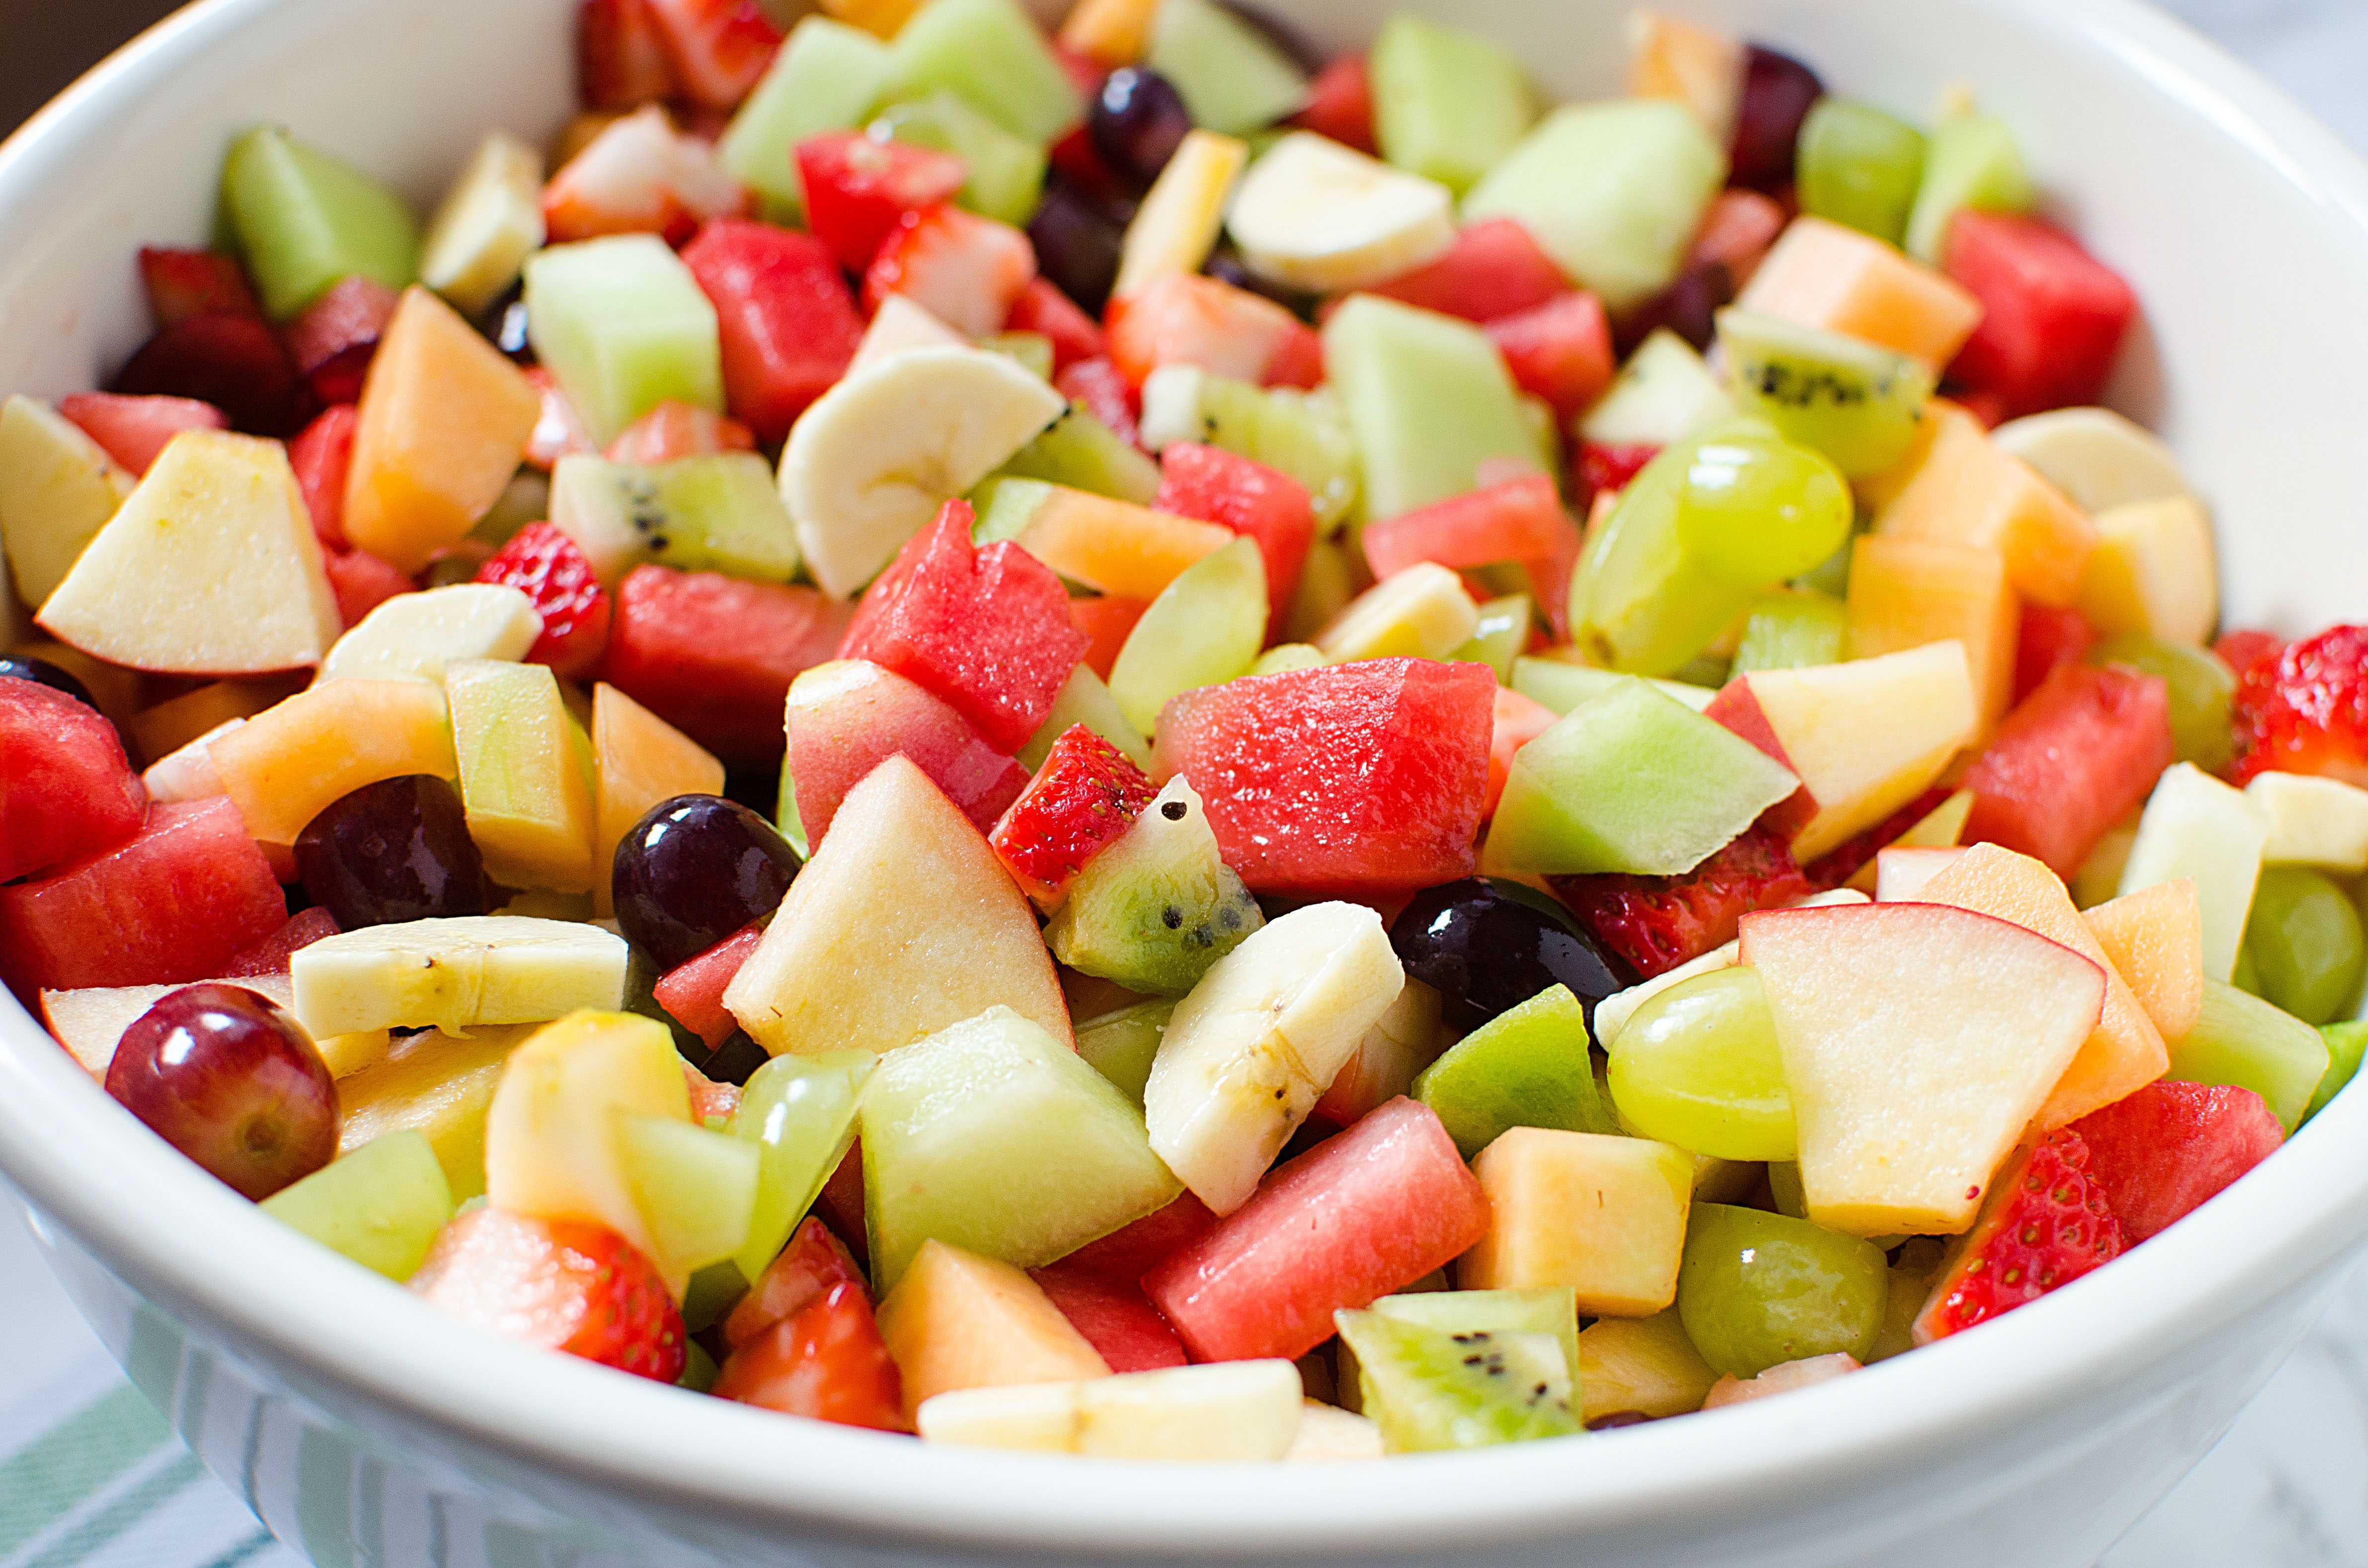 Рецепты вкусных фруктовых салатов в домашних условиях